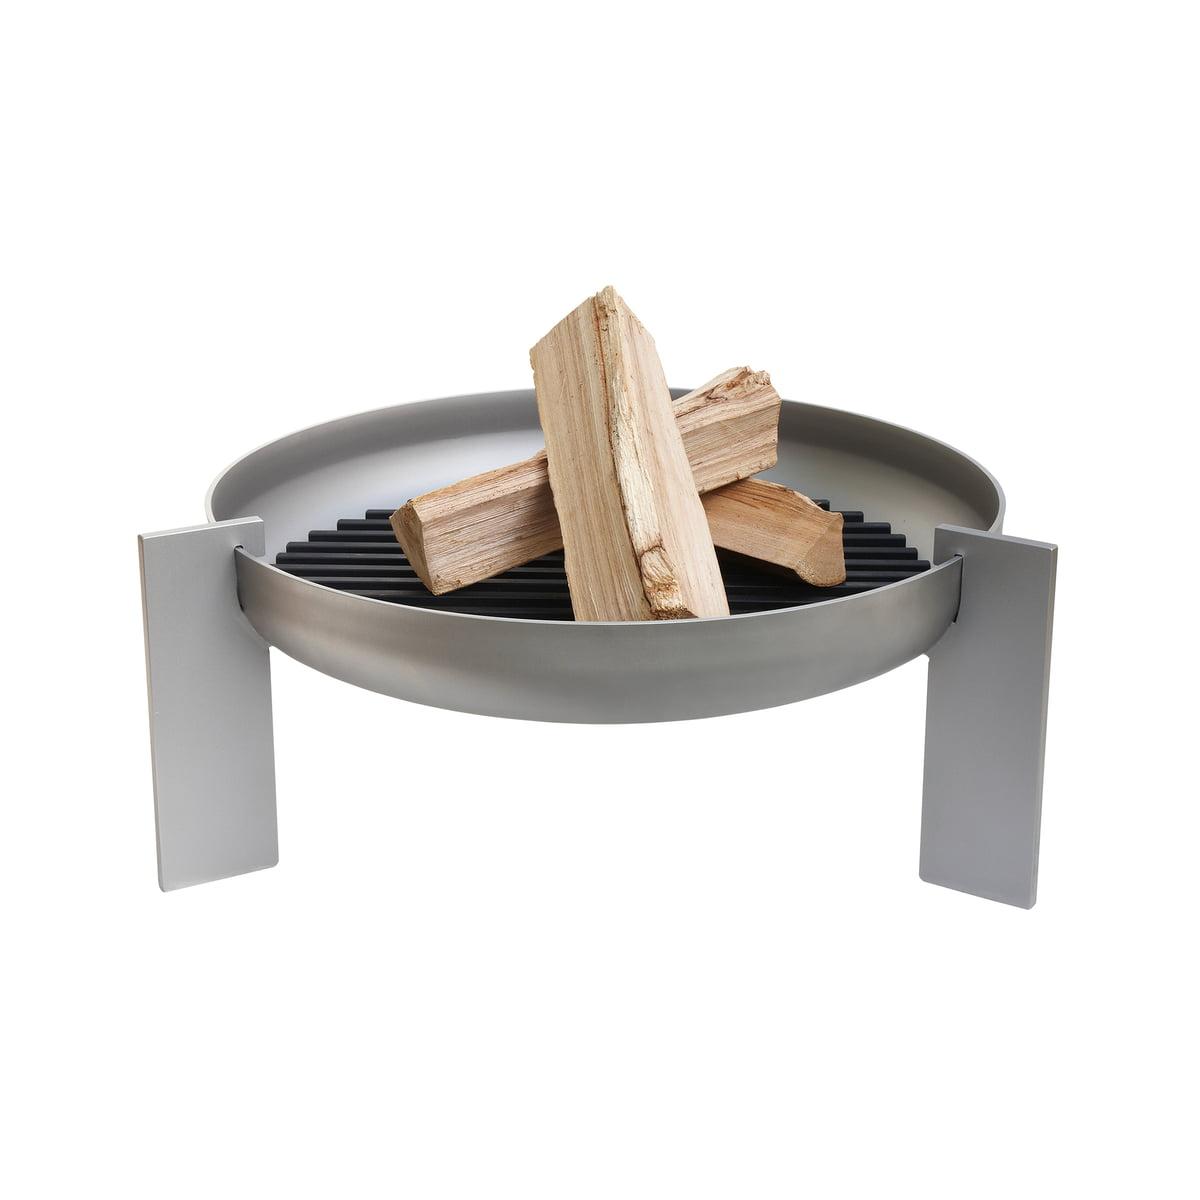 artepuro - Feuerstelle hotlegs, massiver Stahl Ø 67 cm | Garten > Grill und Zubehör | Silber | Massiver stahl -  geölt | artepuro